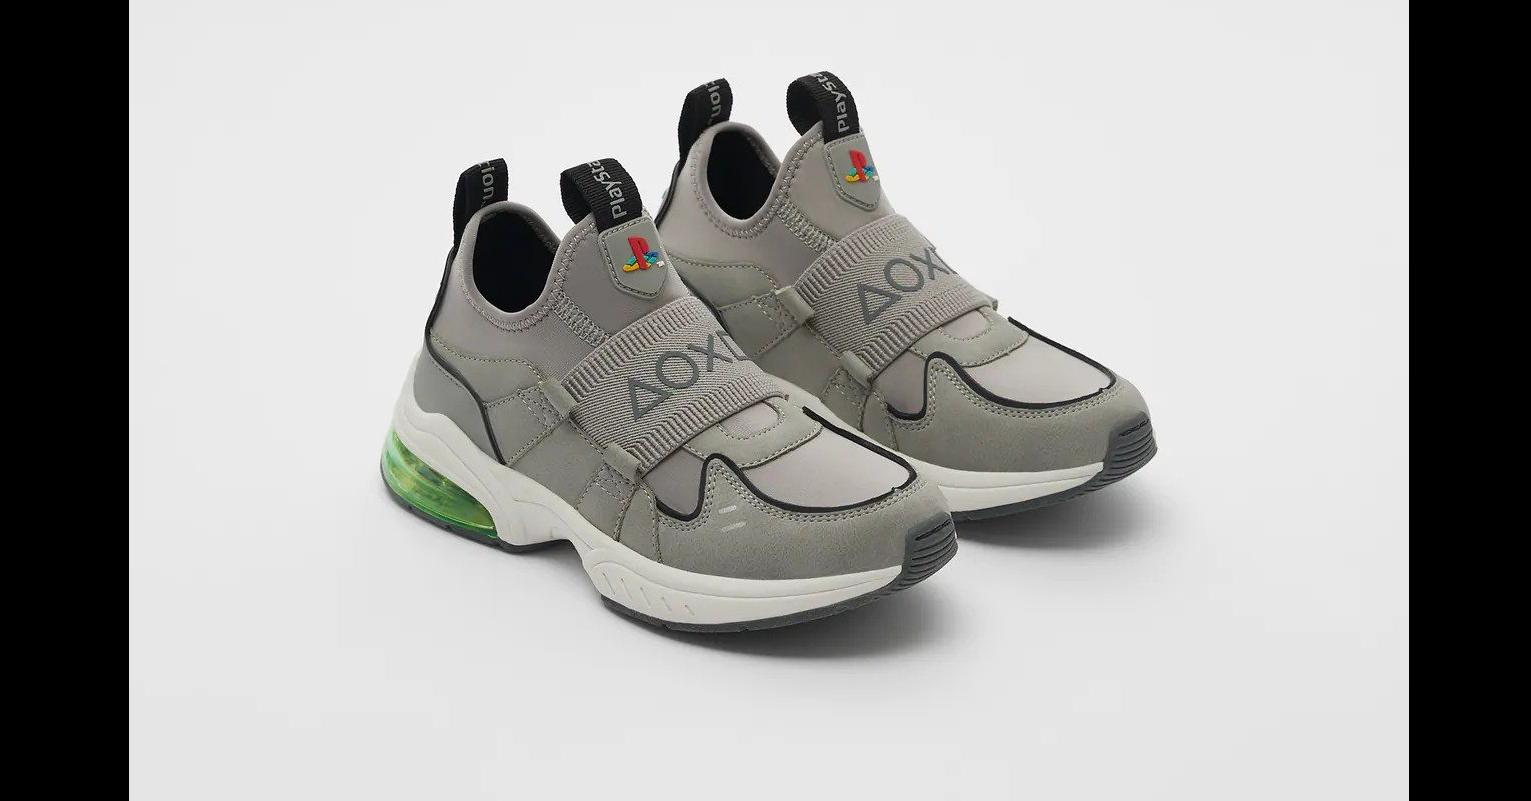 照片中提到了AOXI、AOX、Play5ta,跟超音樂、VAIO有關,包含了zapatillas遊戲機zara、的PlayStation、球鞋、扎拉、索尼互動娛樂